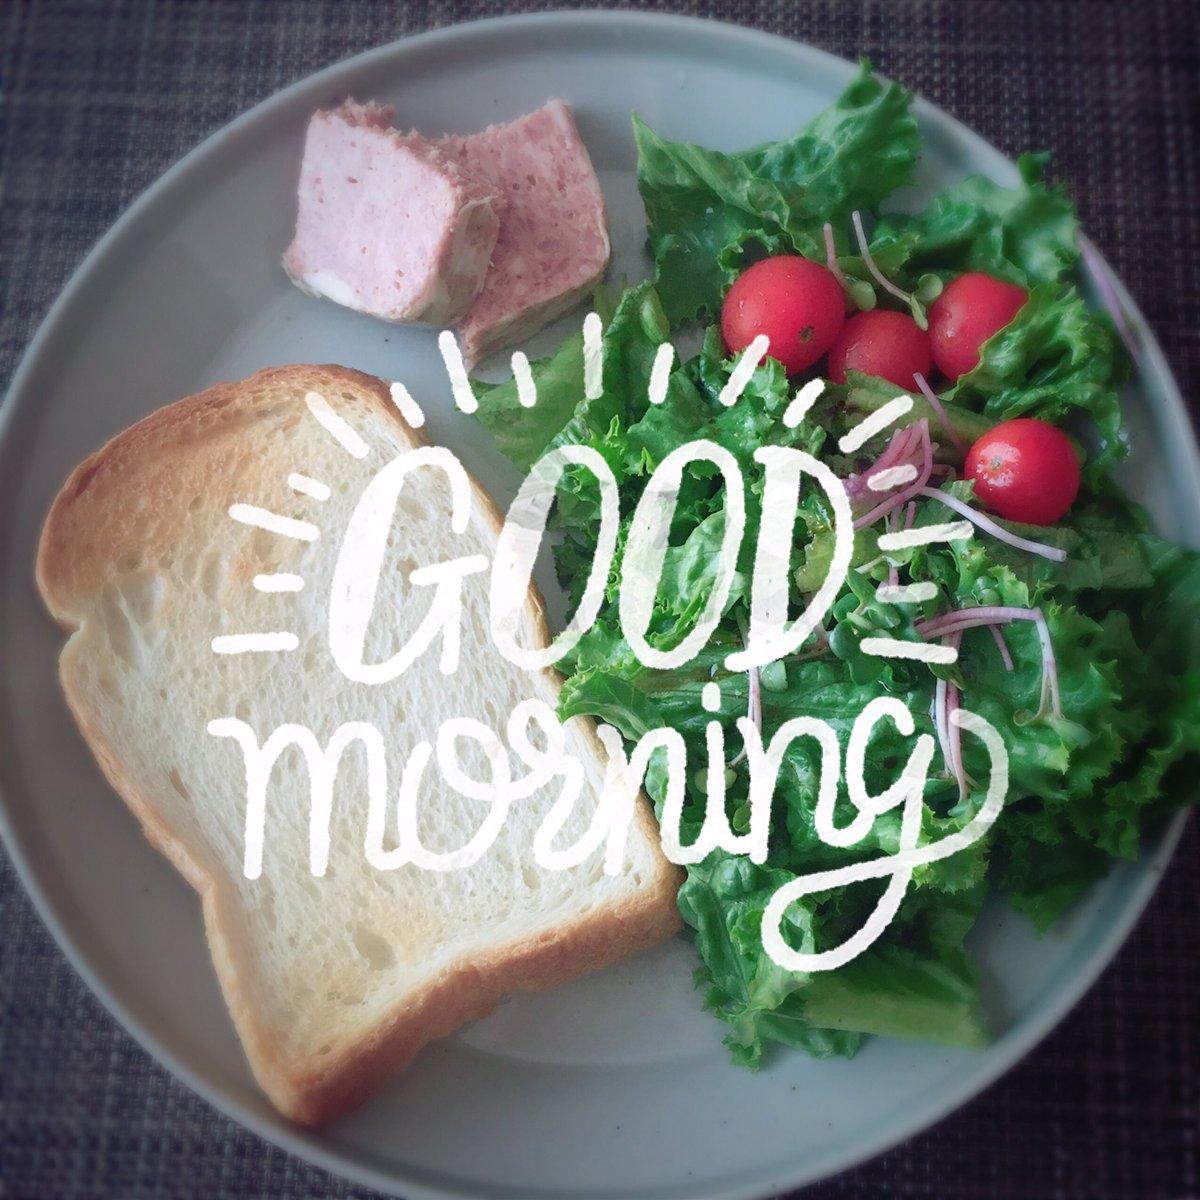 おはよ♪ めっちゃ手抜きなのにしっかりとした朝ご飯ぽくみせるの得意。笑 パン焼いて、野菜ちぎっただけ…